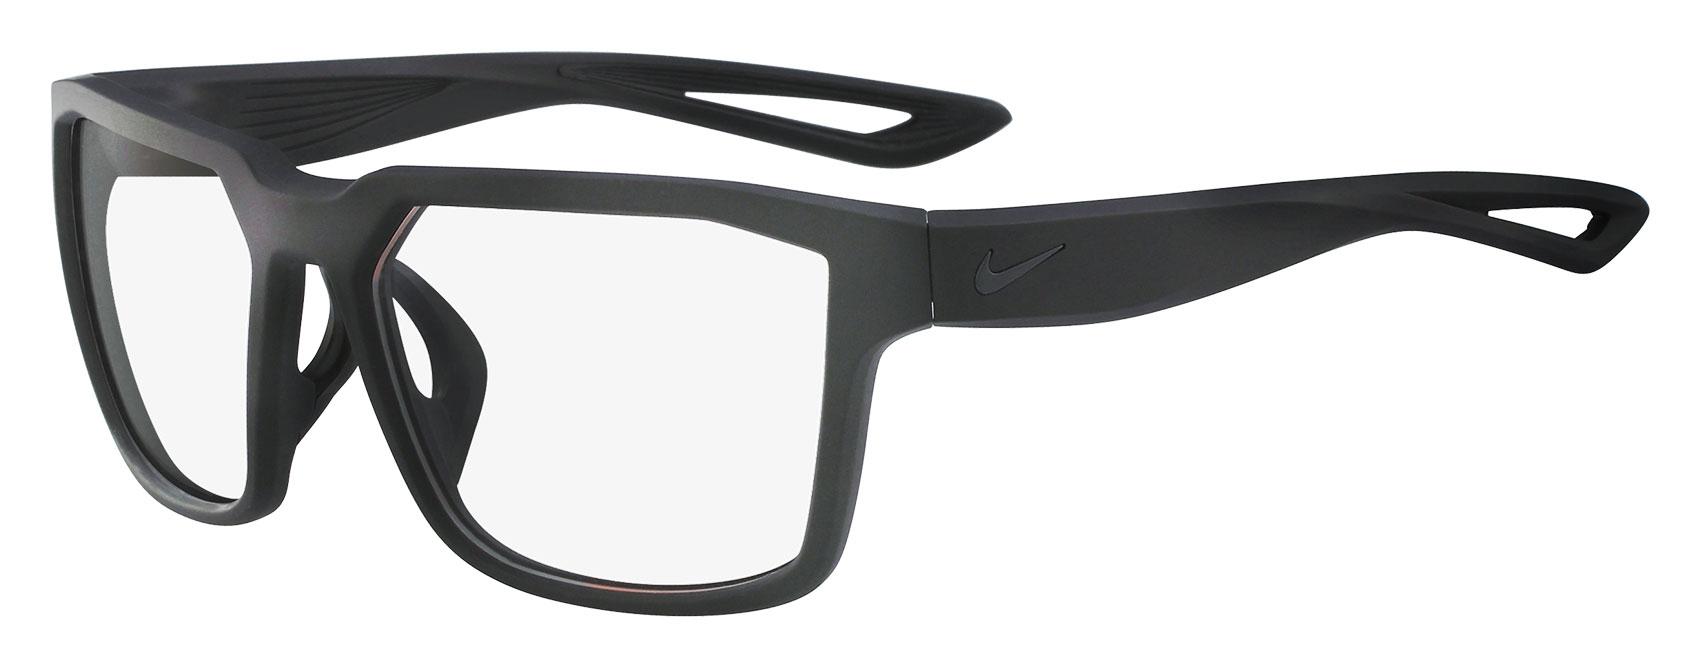 Nike Fleet-01 Matte Black/Volt